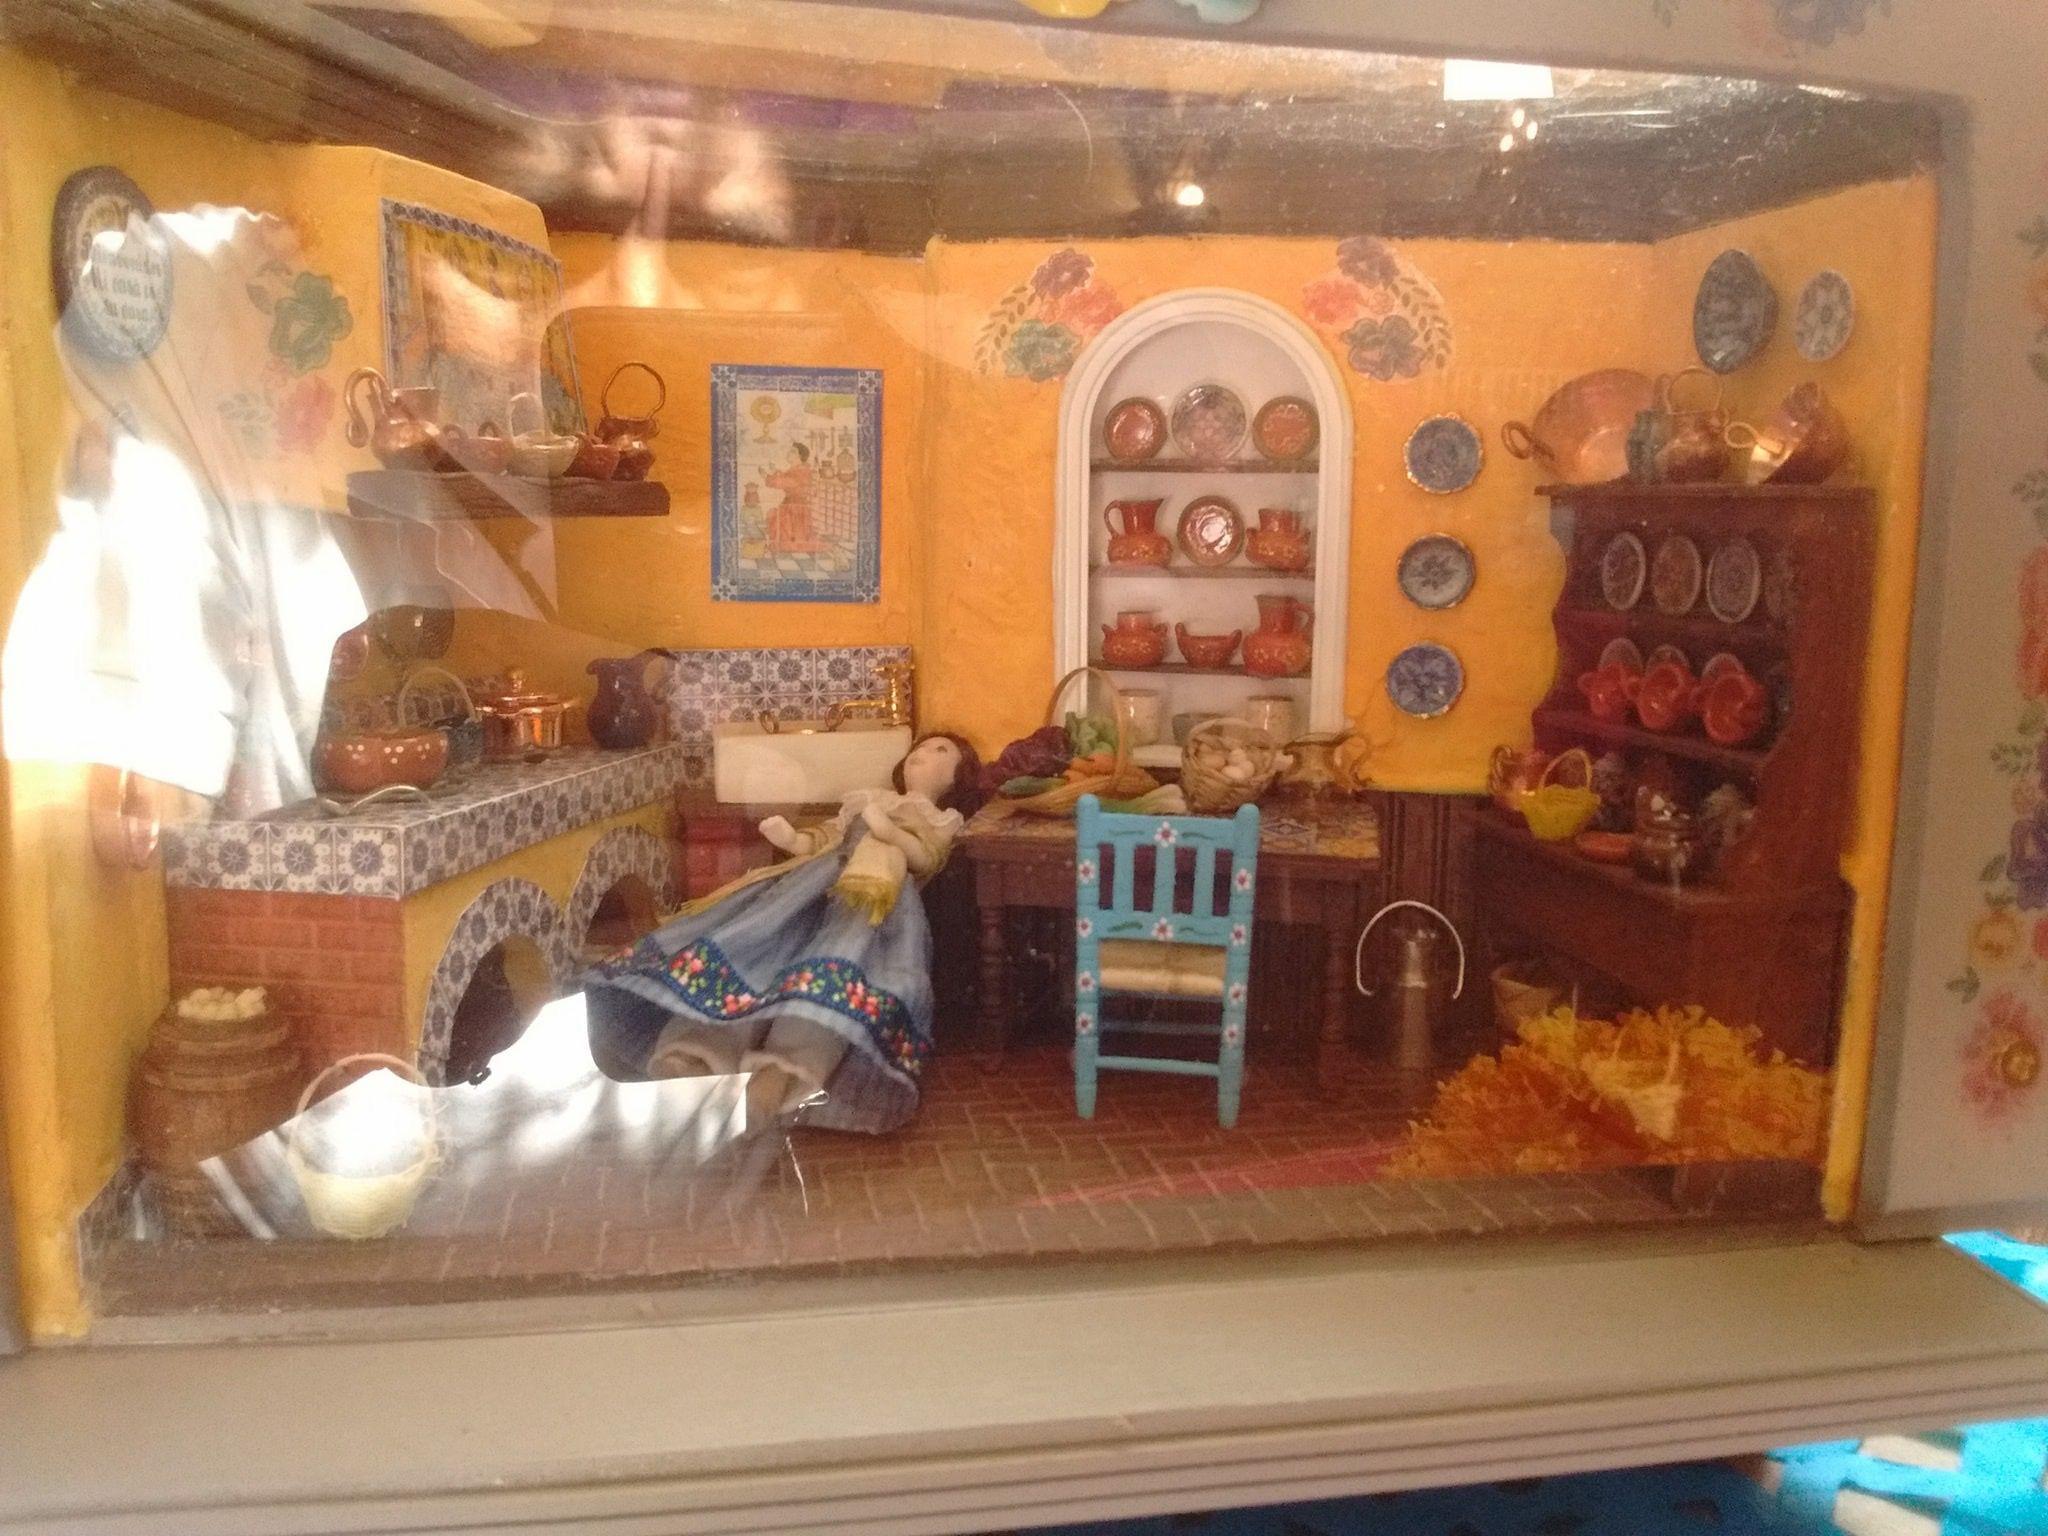 Pin de Elena Espa a en Miniaturas y casas de mu ecas